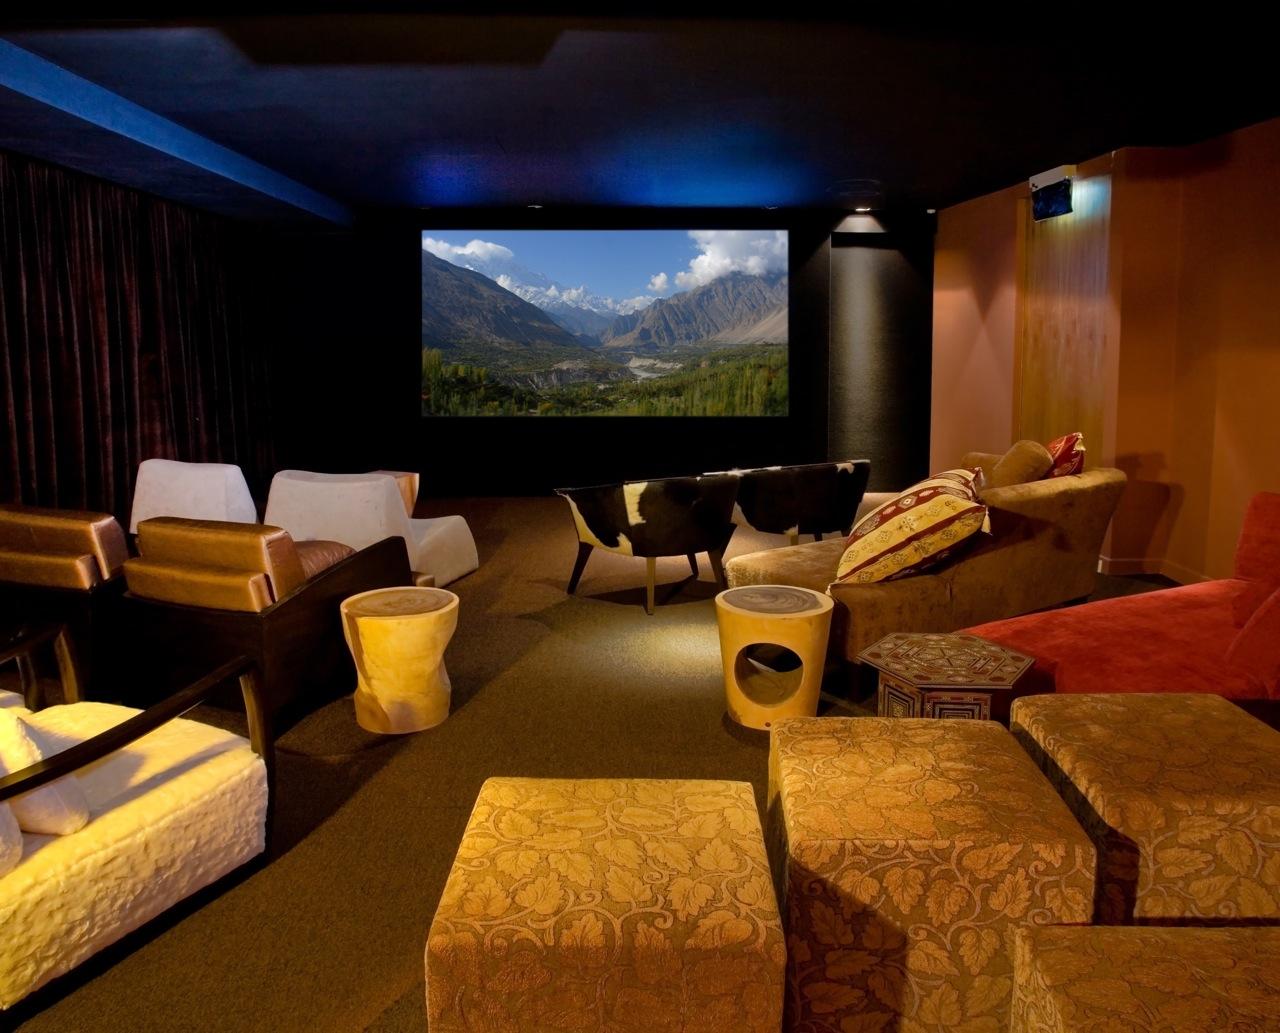 Private Screening Room Singapore